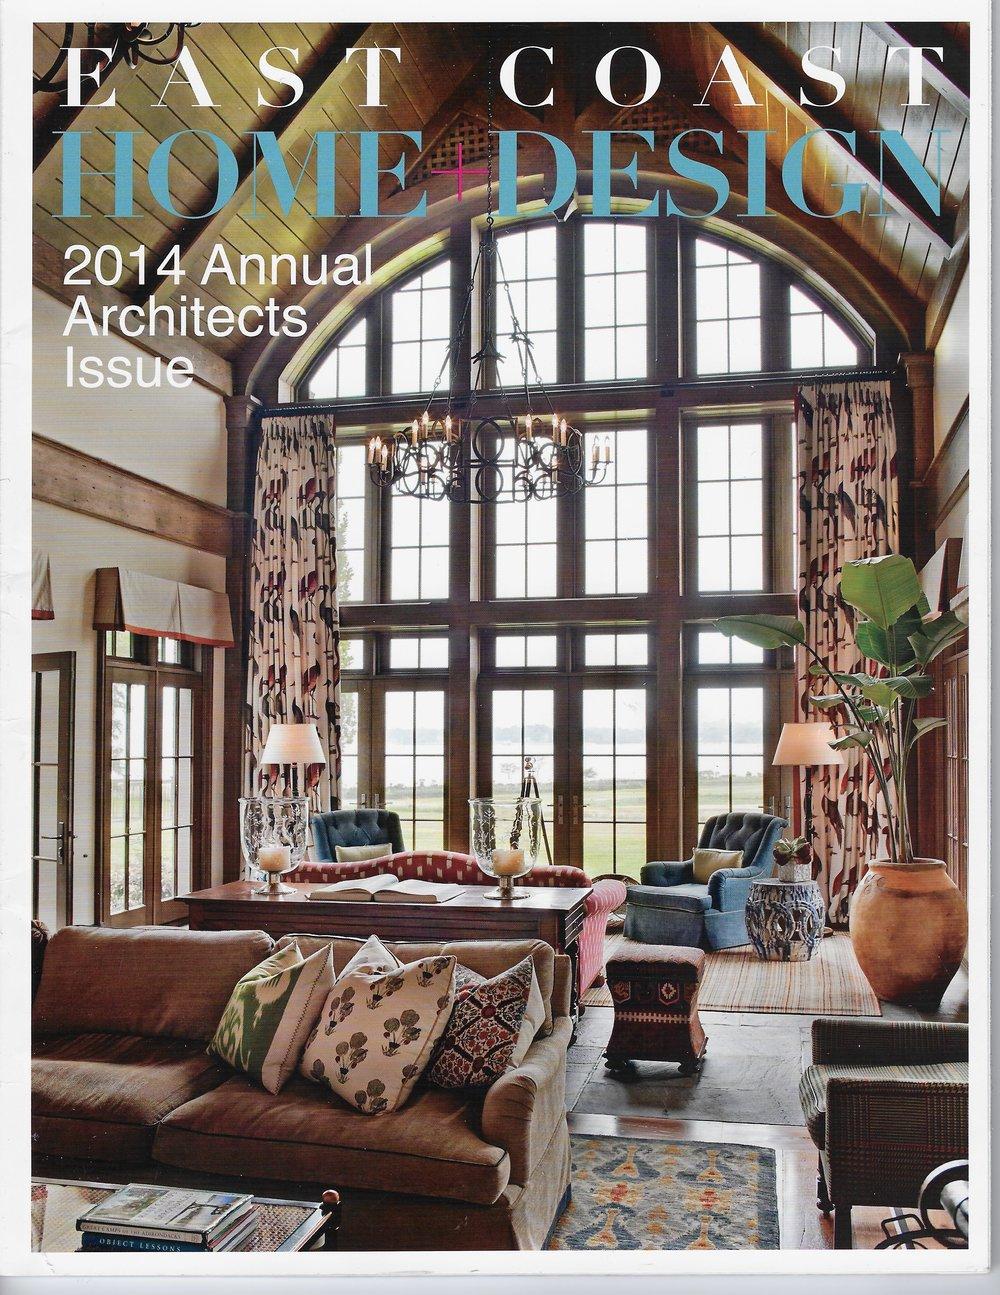 East Coast Home+Design - Nov 2014